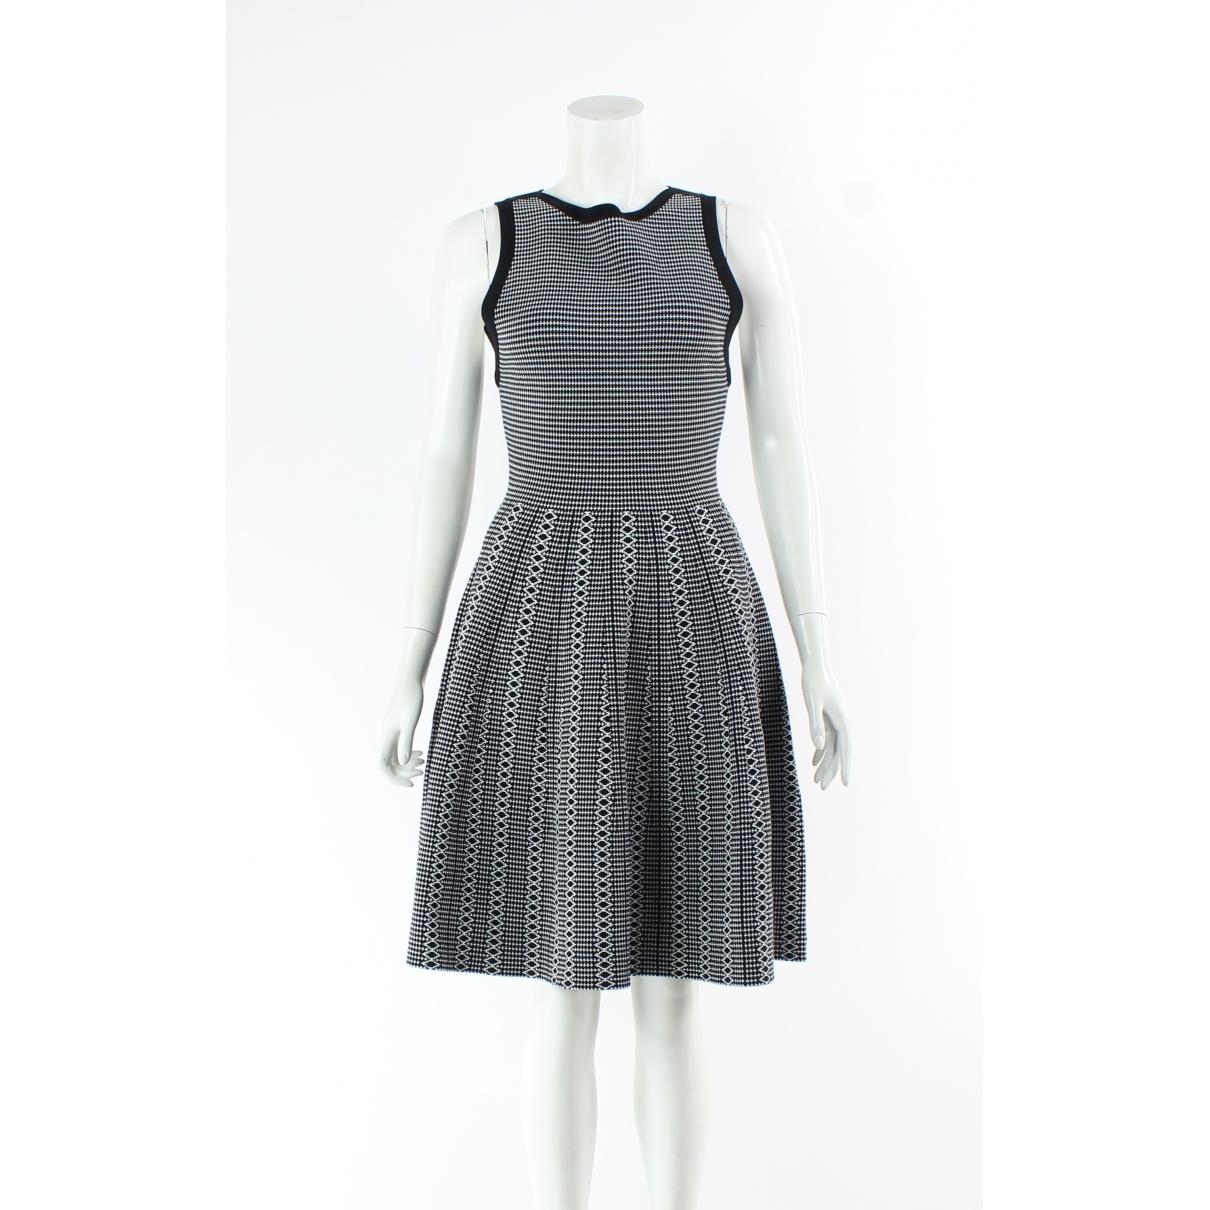 Alice & Olivia \N Black dress for Women S International